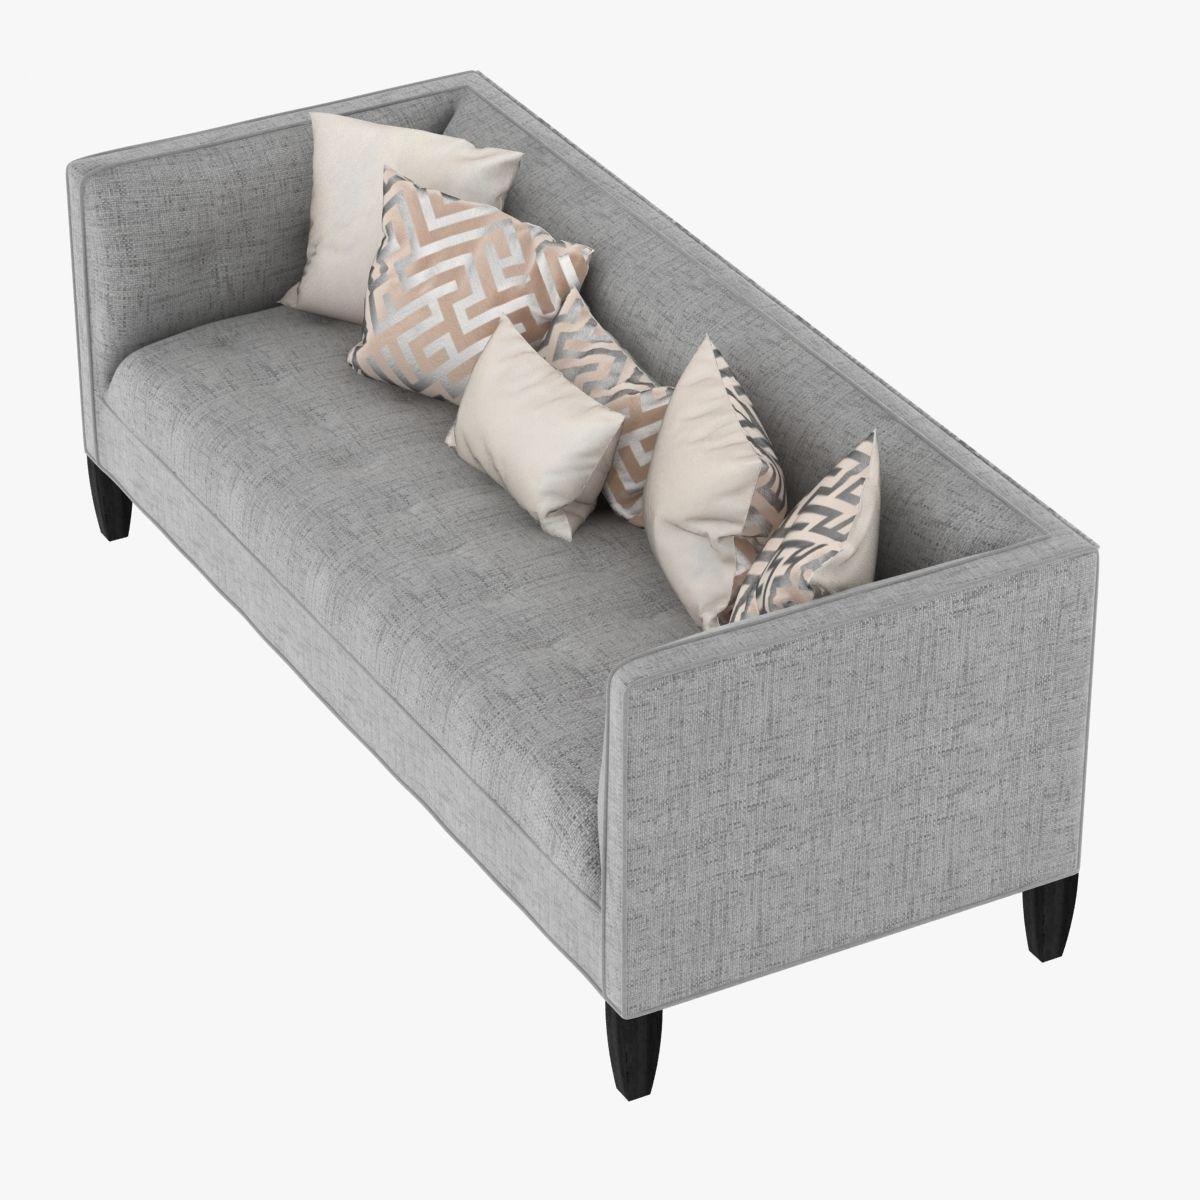 ... Mitchell Gold Bob Williams Kennedy Sofa 3d Model Max Obj Mtl 3ds Fbx ...